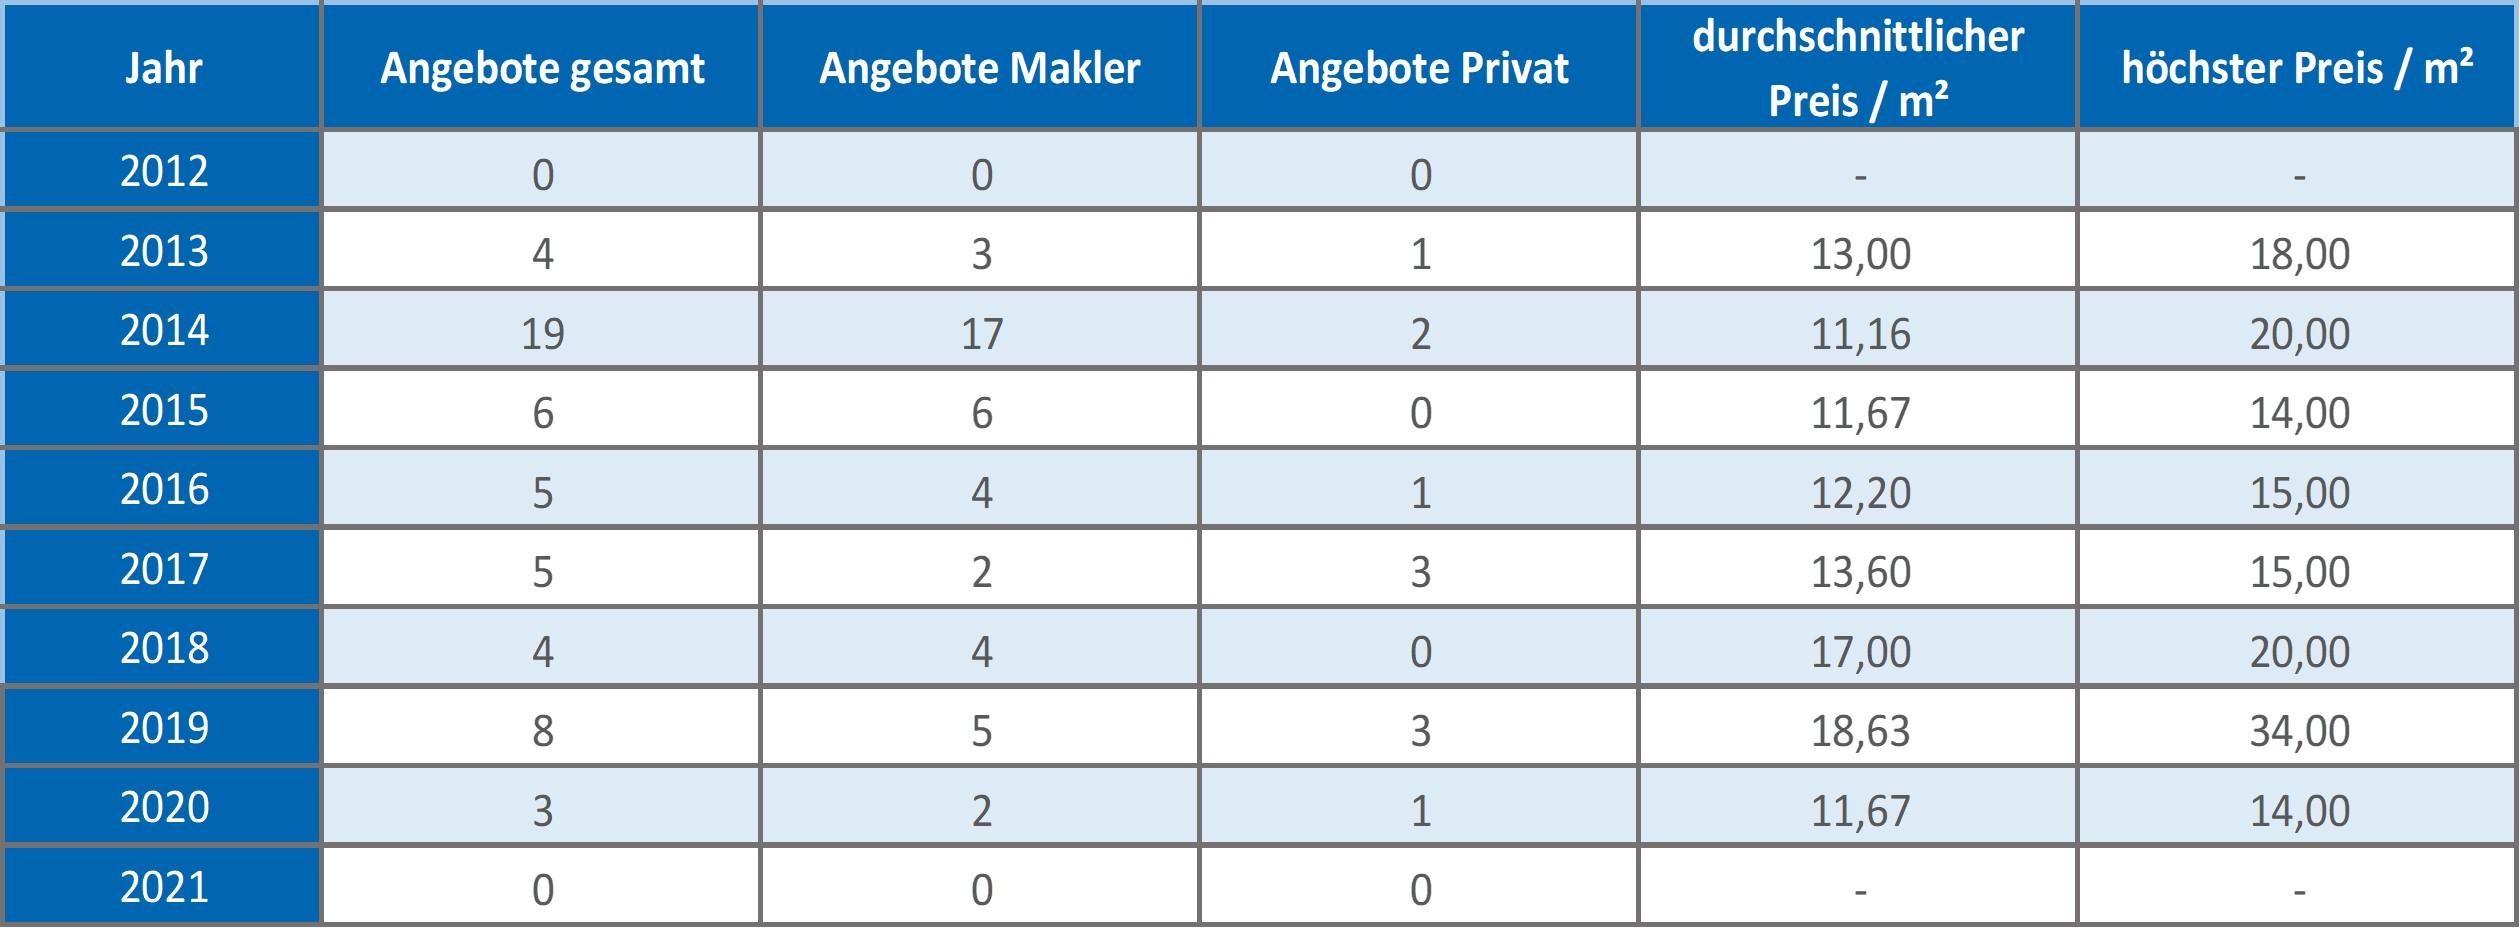 Tegernsee Wohnung mieten vermieten Preis Bewertung Makler www.happy-immo.de 2019 2020 2021